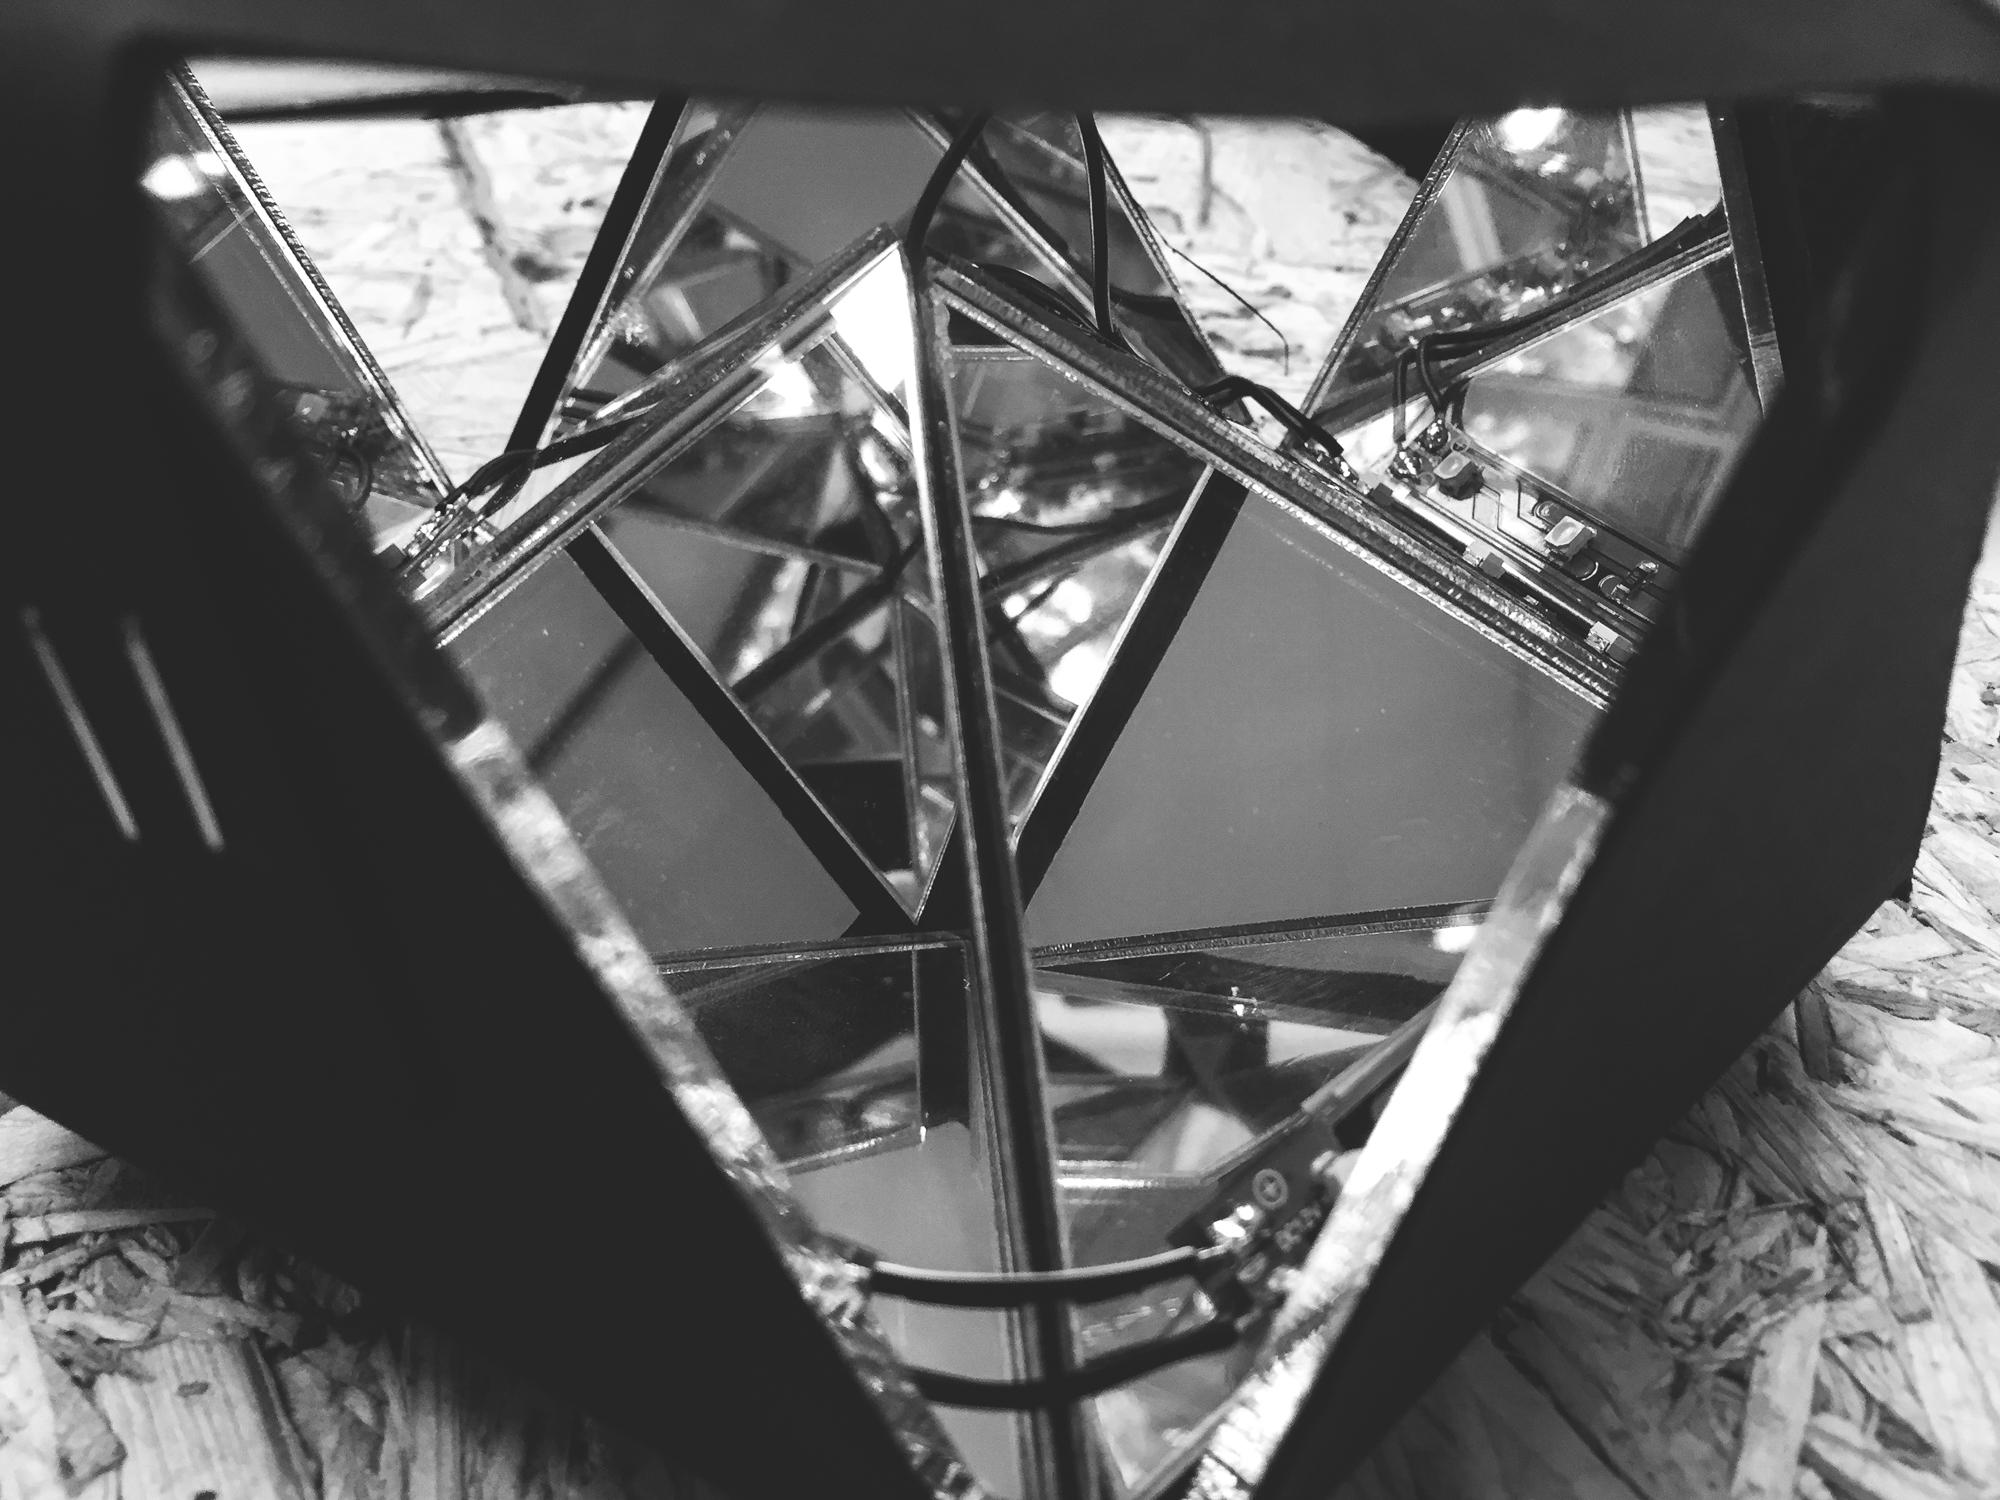 webschlichtlights-11.jpg